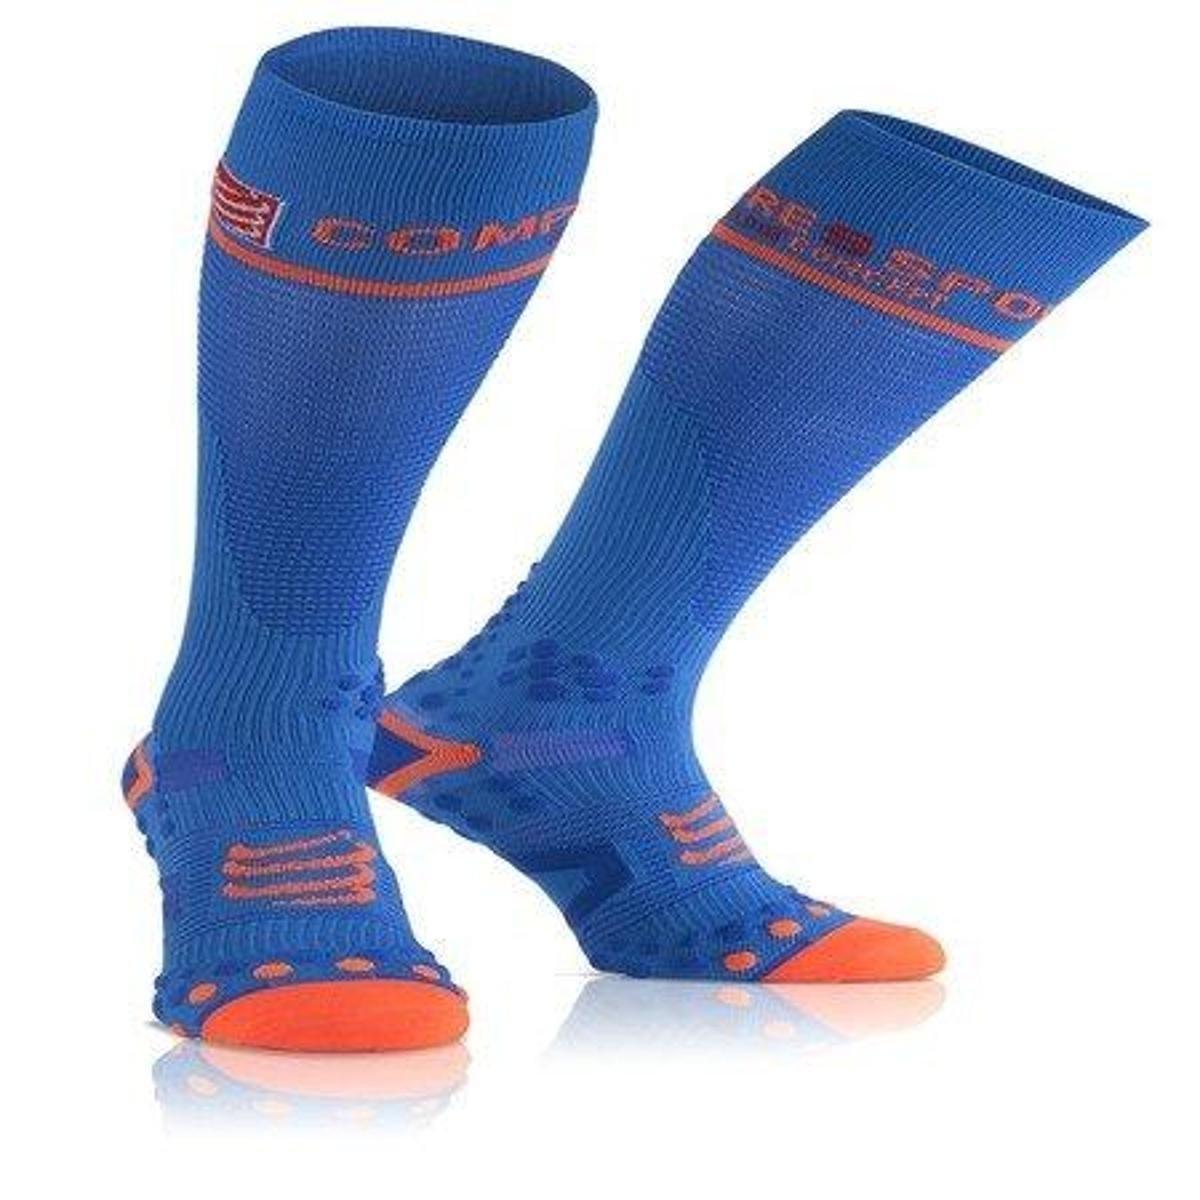 Full Alto Compressport Azul de Compressão Meia V21 Cano Laranja e Socks ZqwfXTI